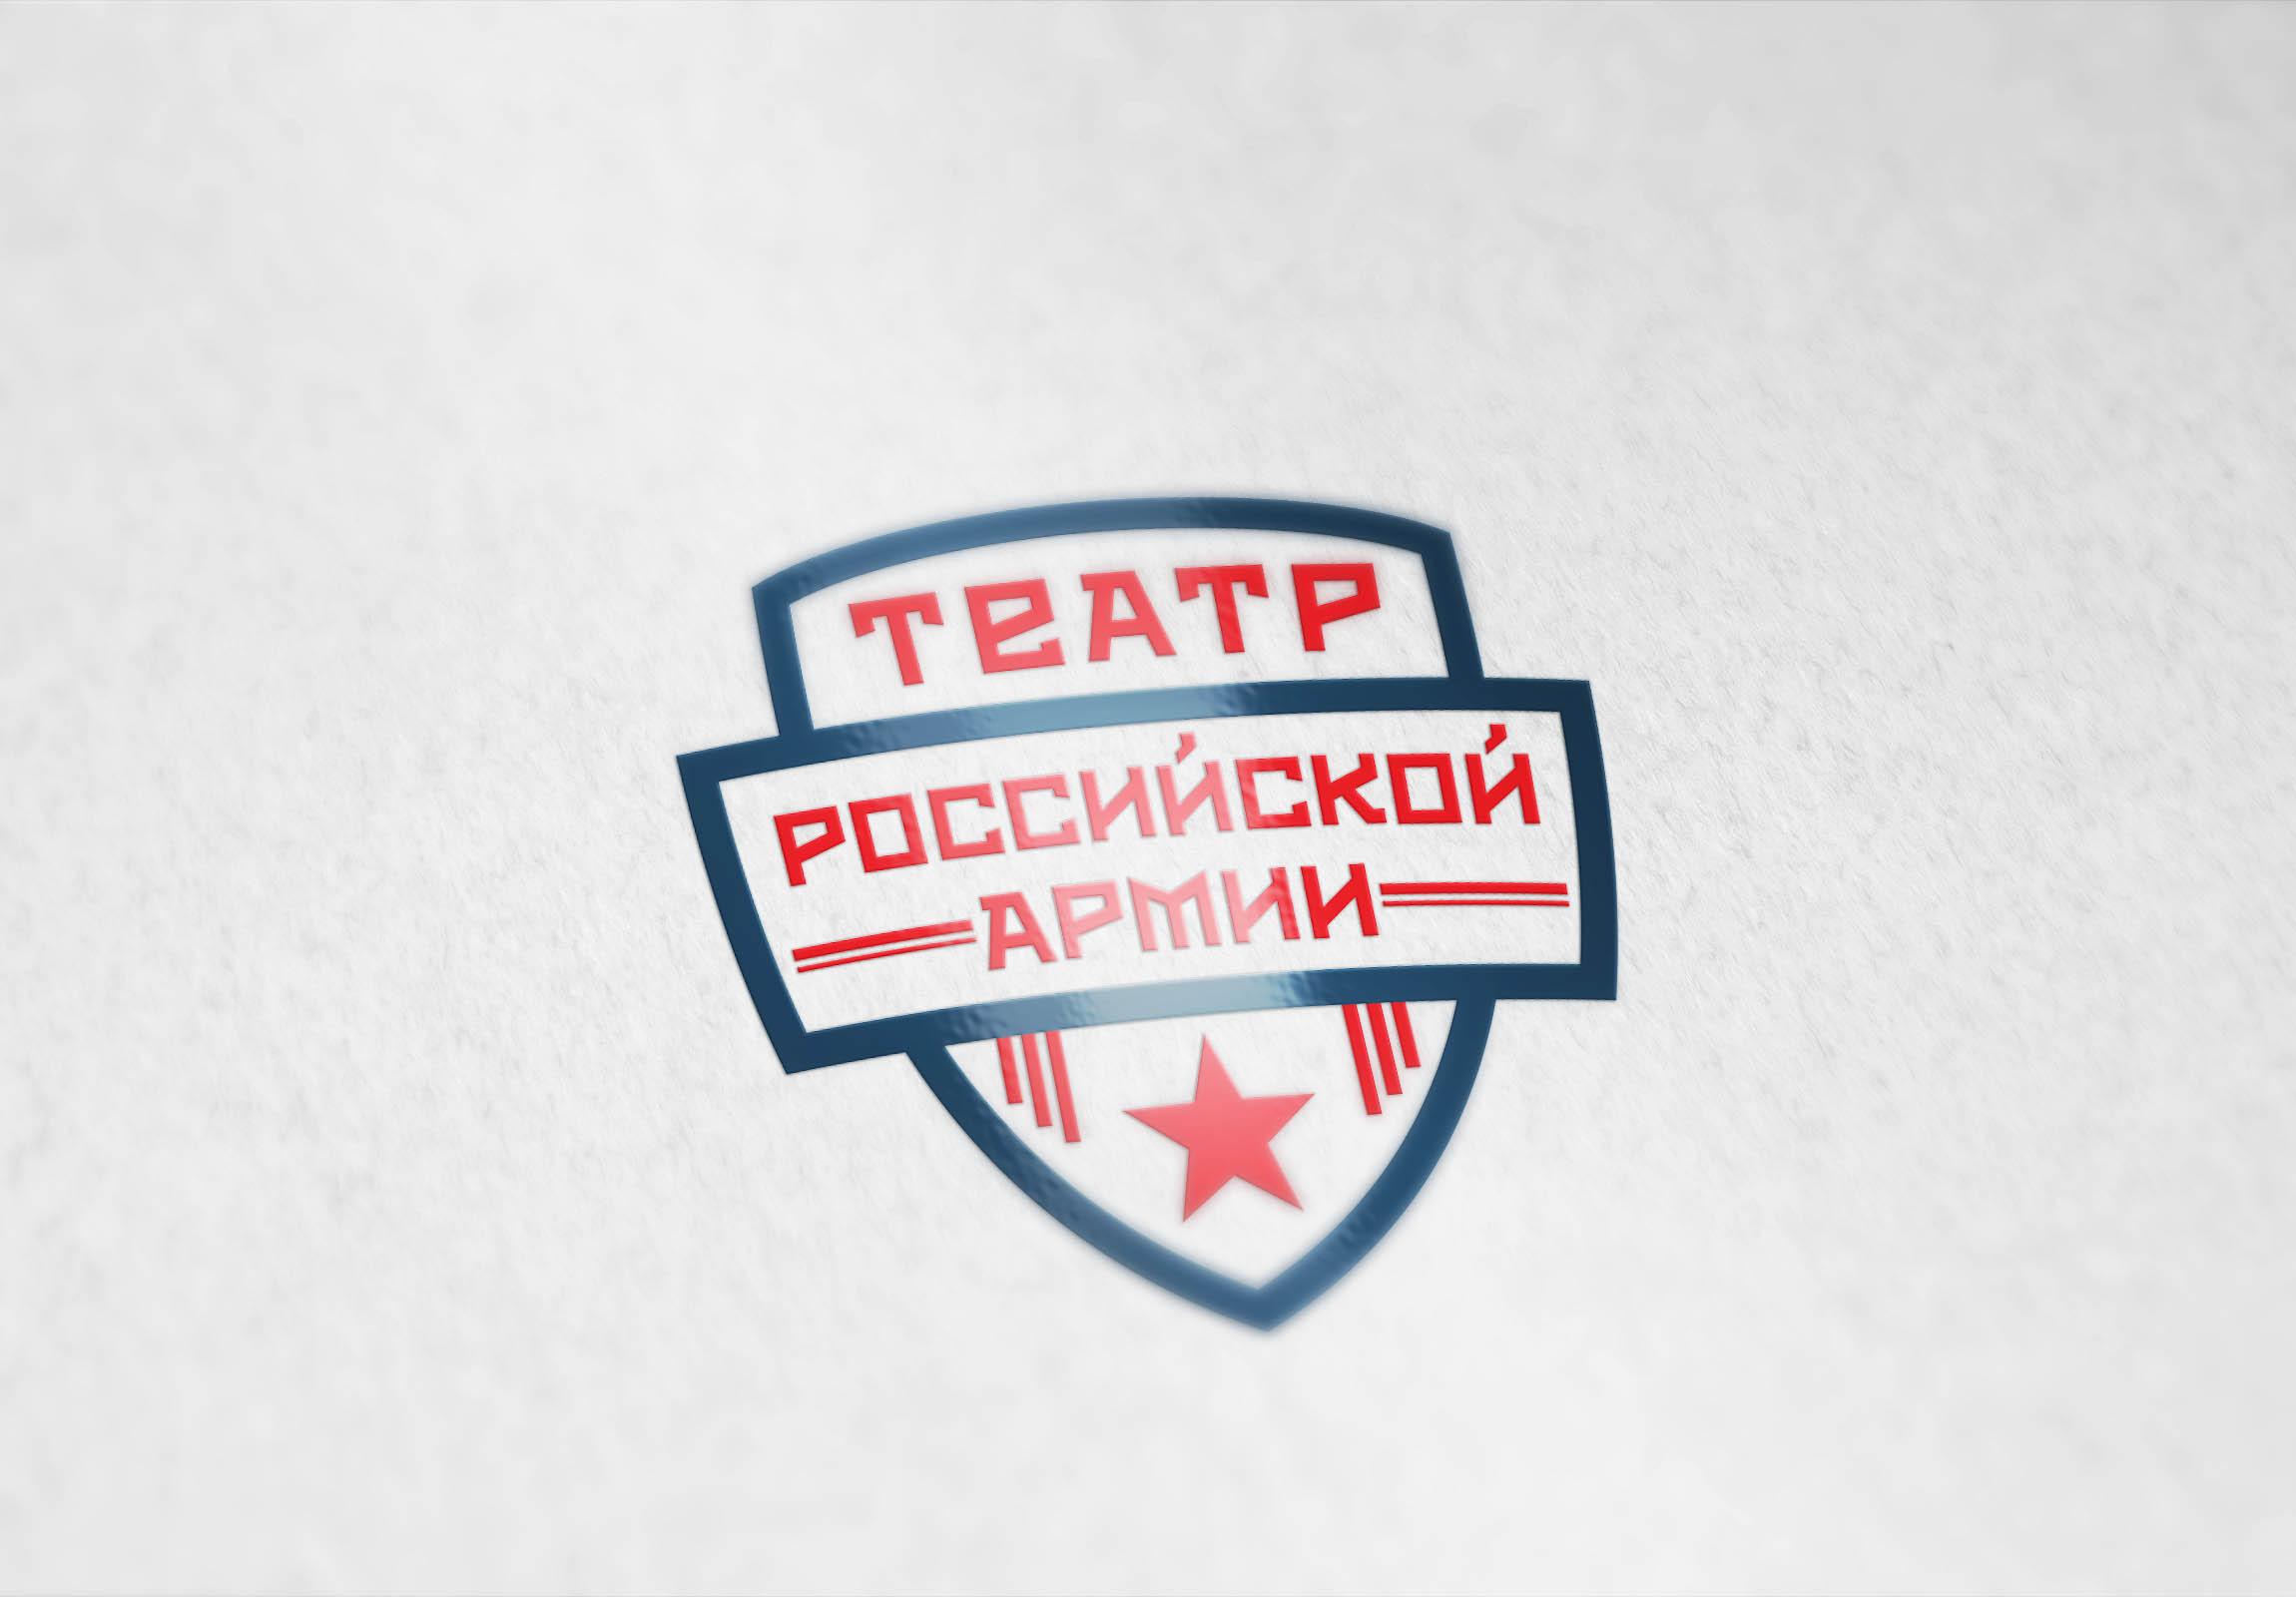 Разработка логотипа для Театра Российской Армии фото f_51558804b1d3ff18.jpg